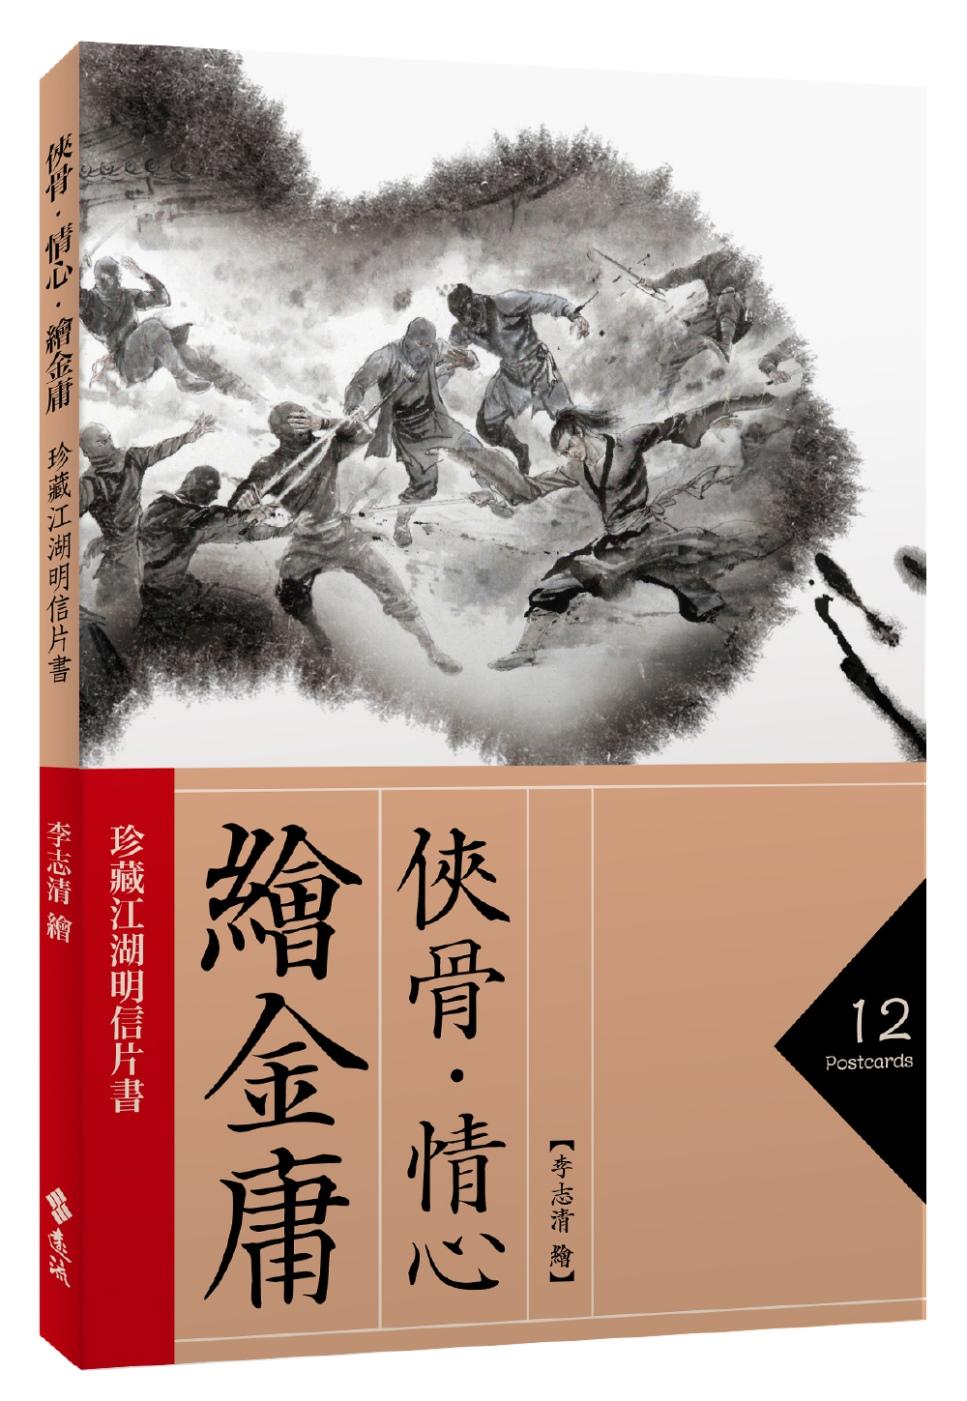 俠骨‧情心‧繪金庸:珍藏江湖明信片書